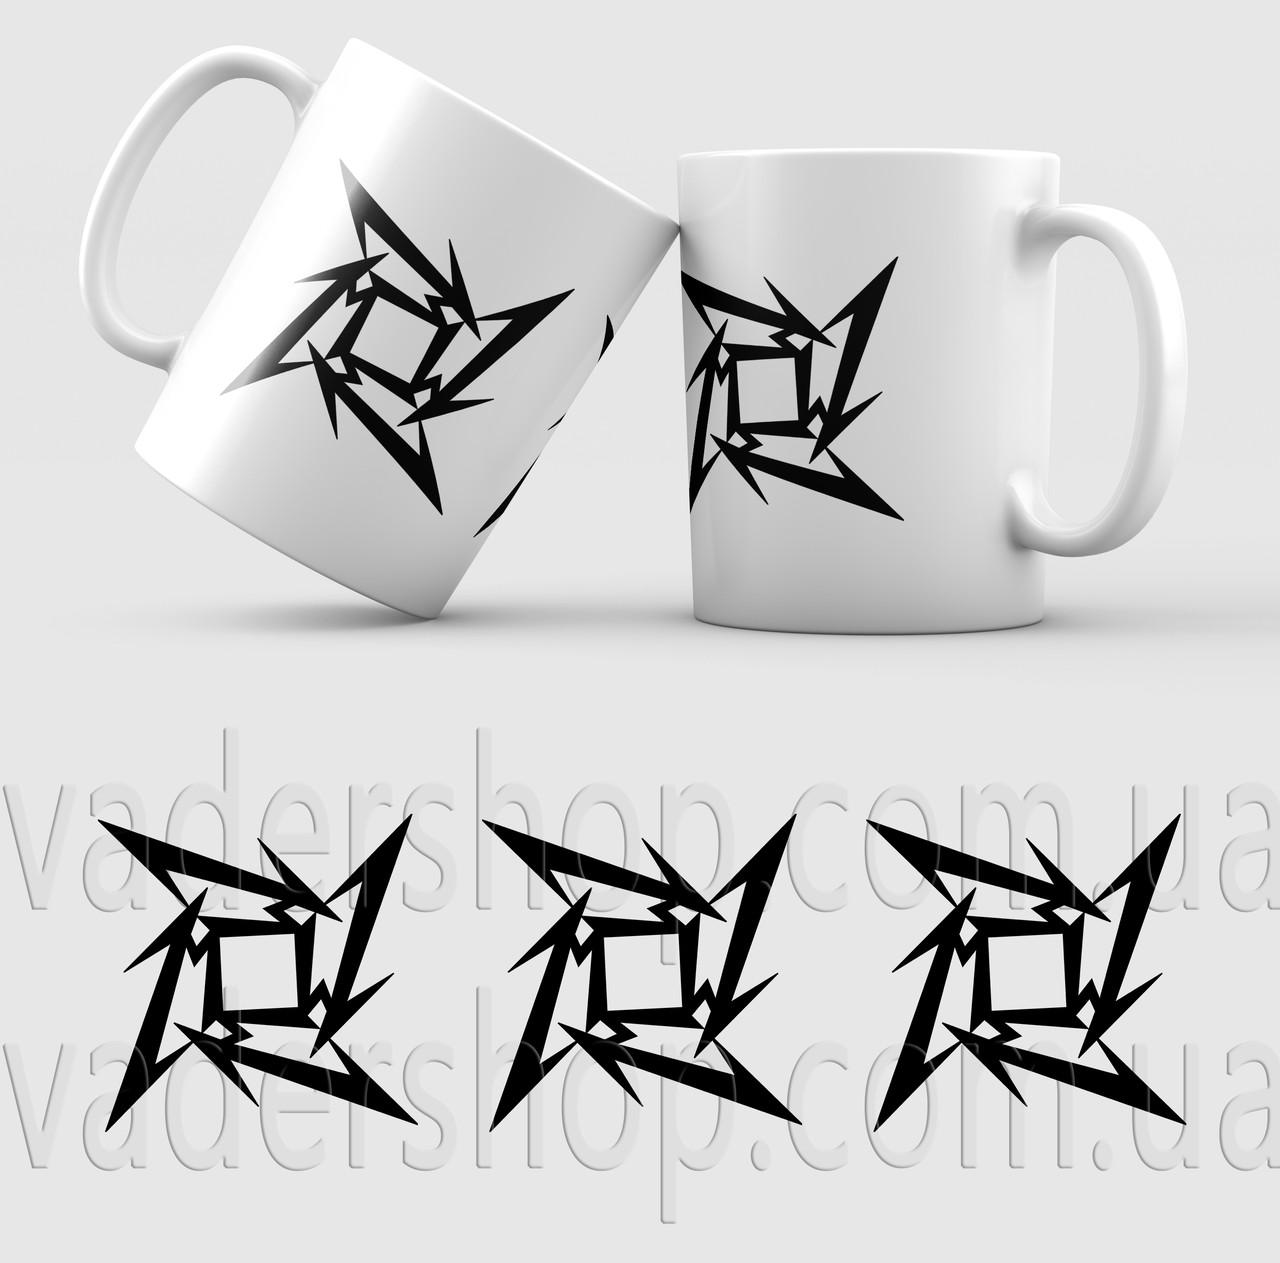 Чашка Metallica. Металіка. Музика. Metal. Метал. Чашка з фото